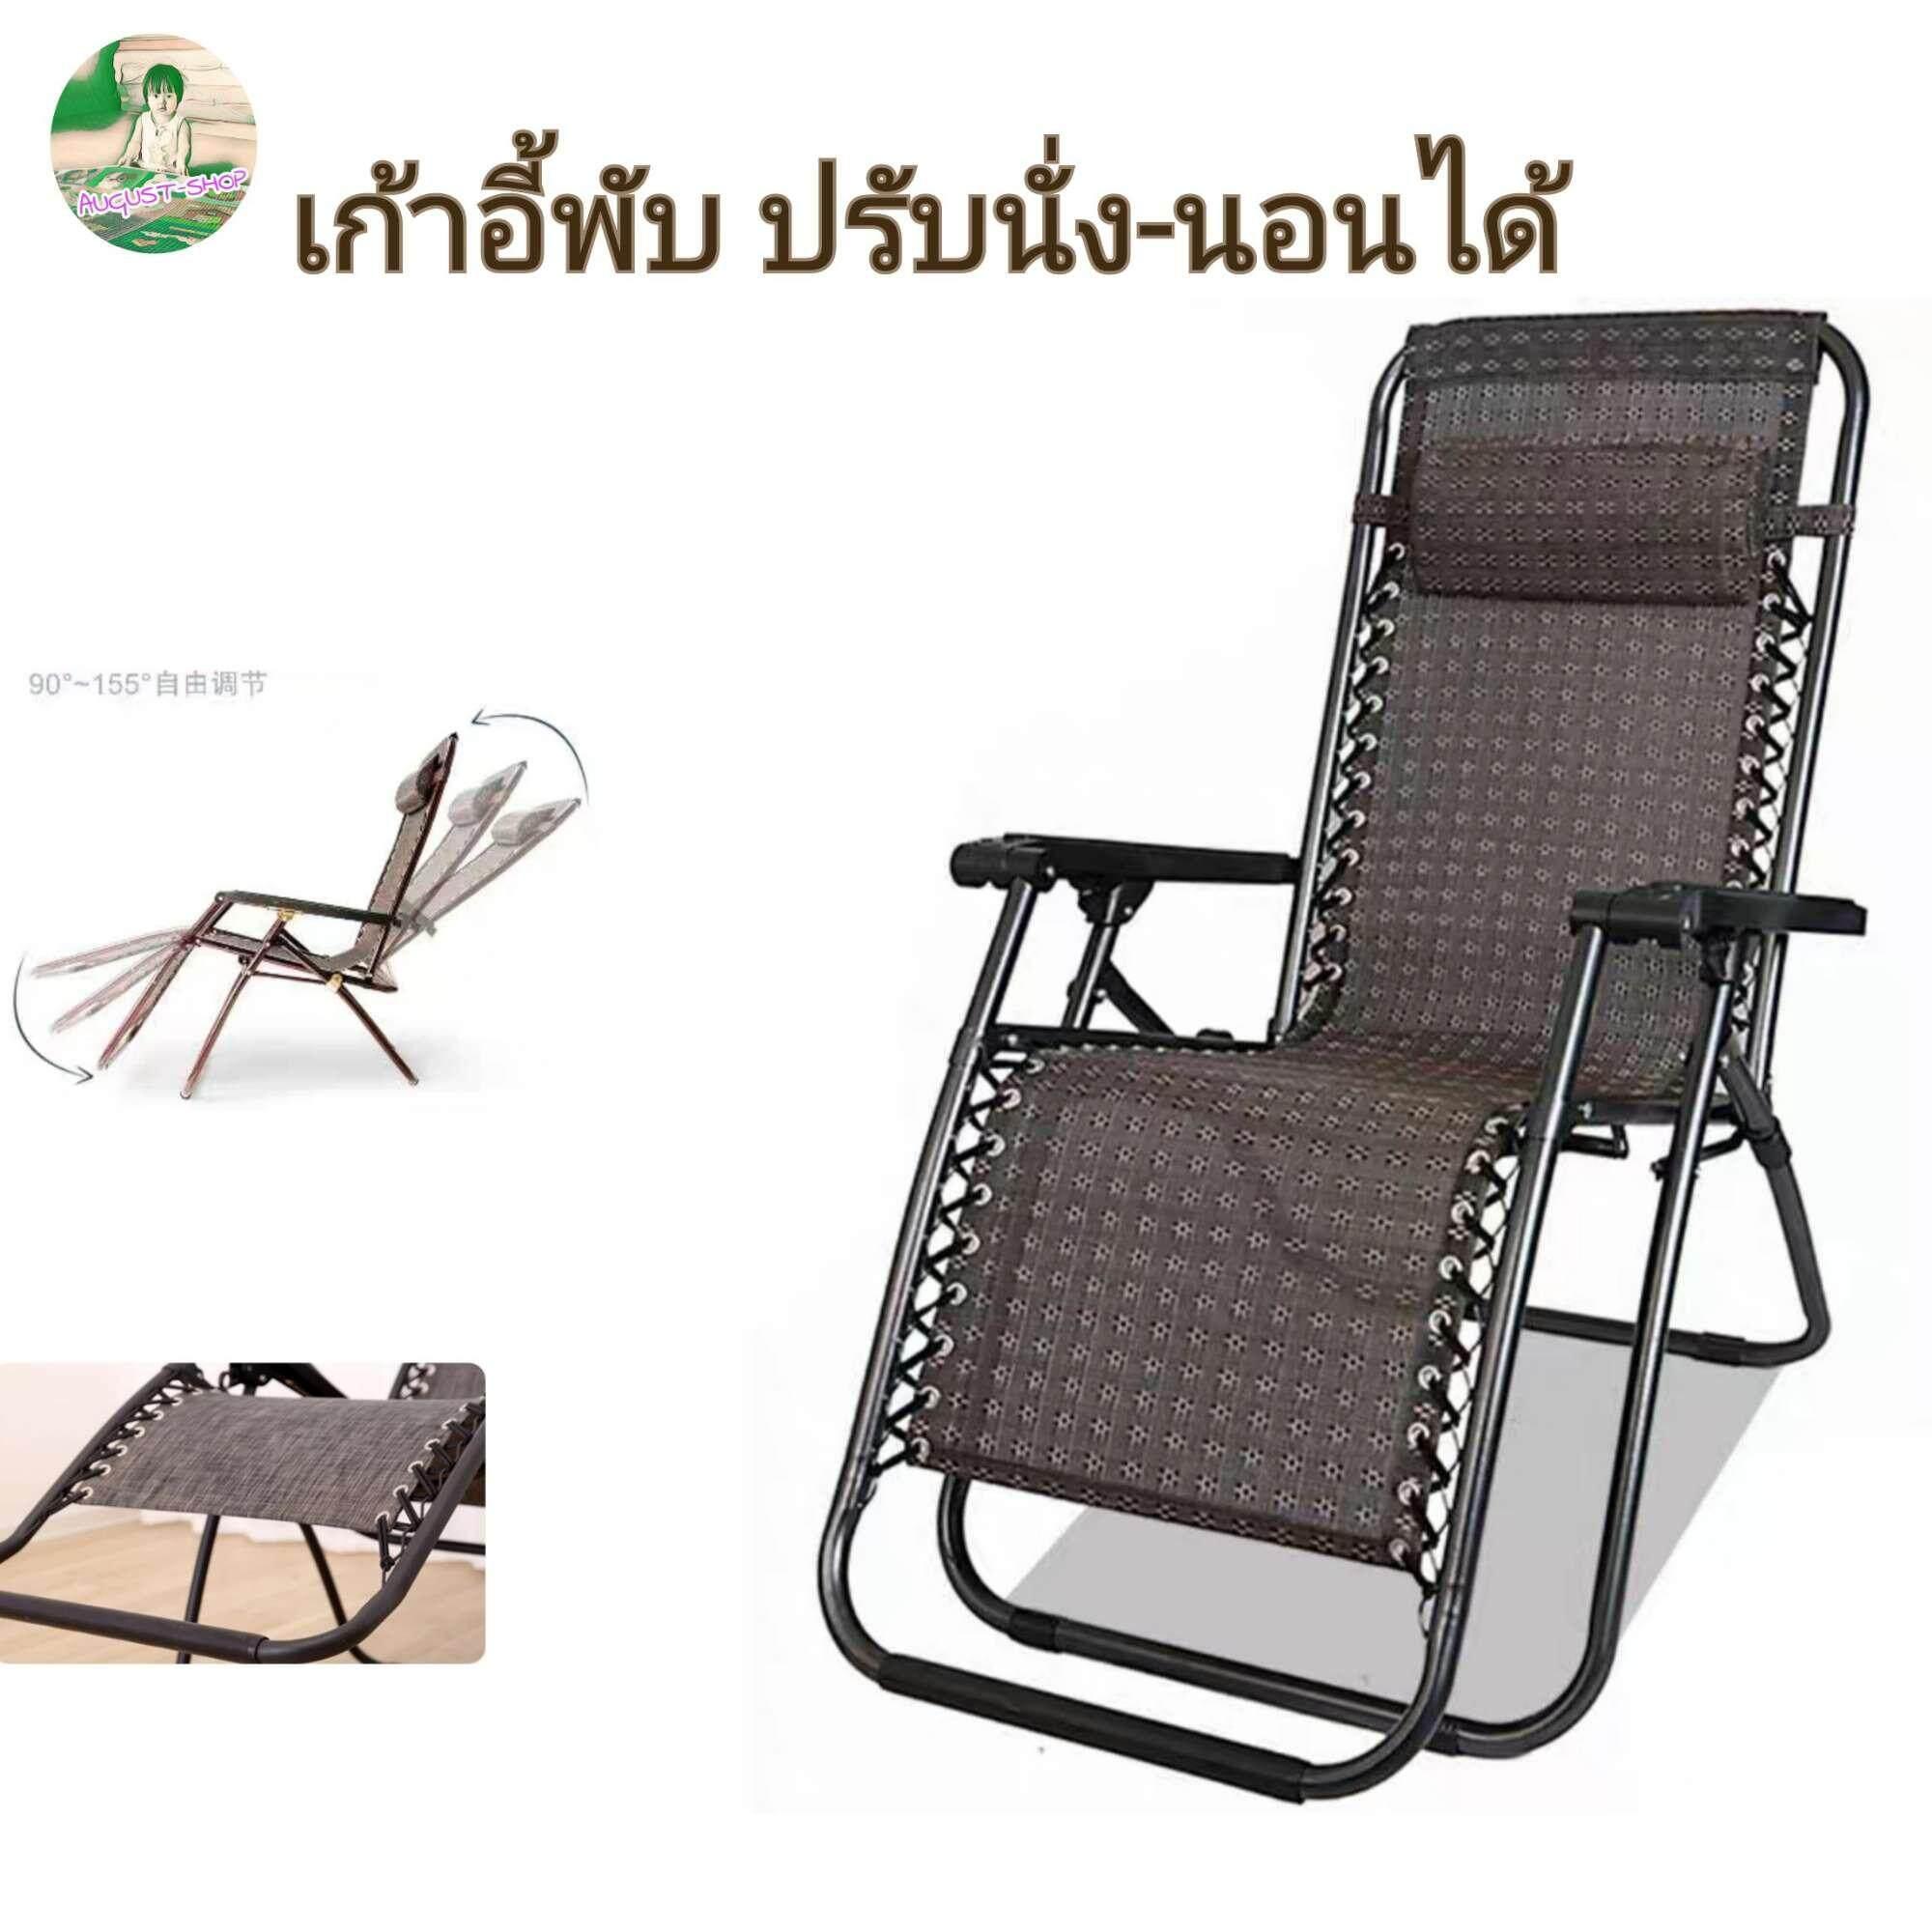 เก้าอี้พับ ปรับนั่ง-นอนได้ By Softmat.